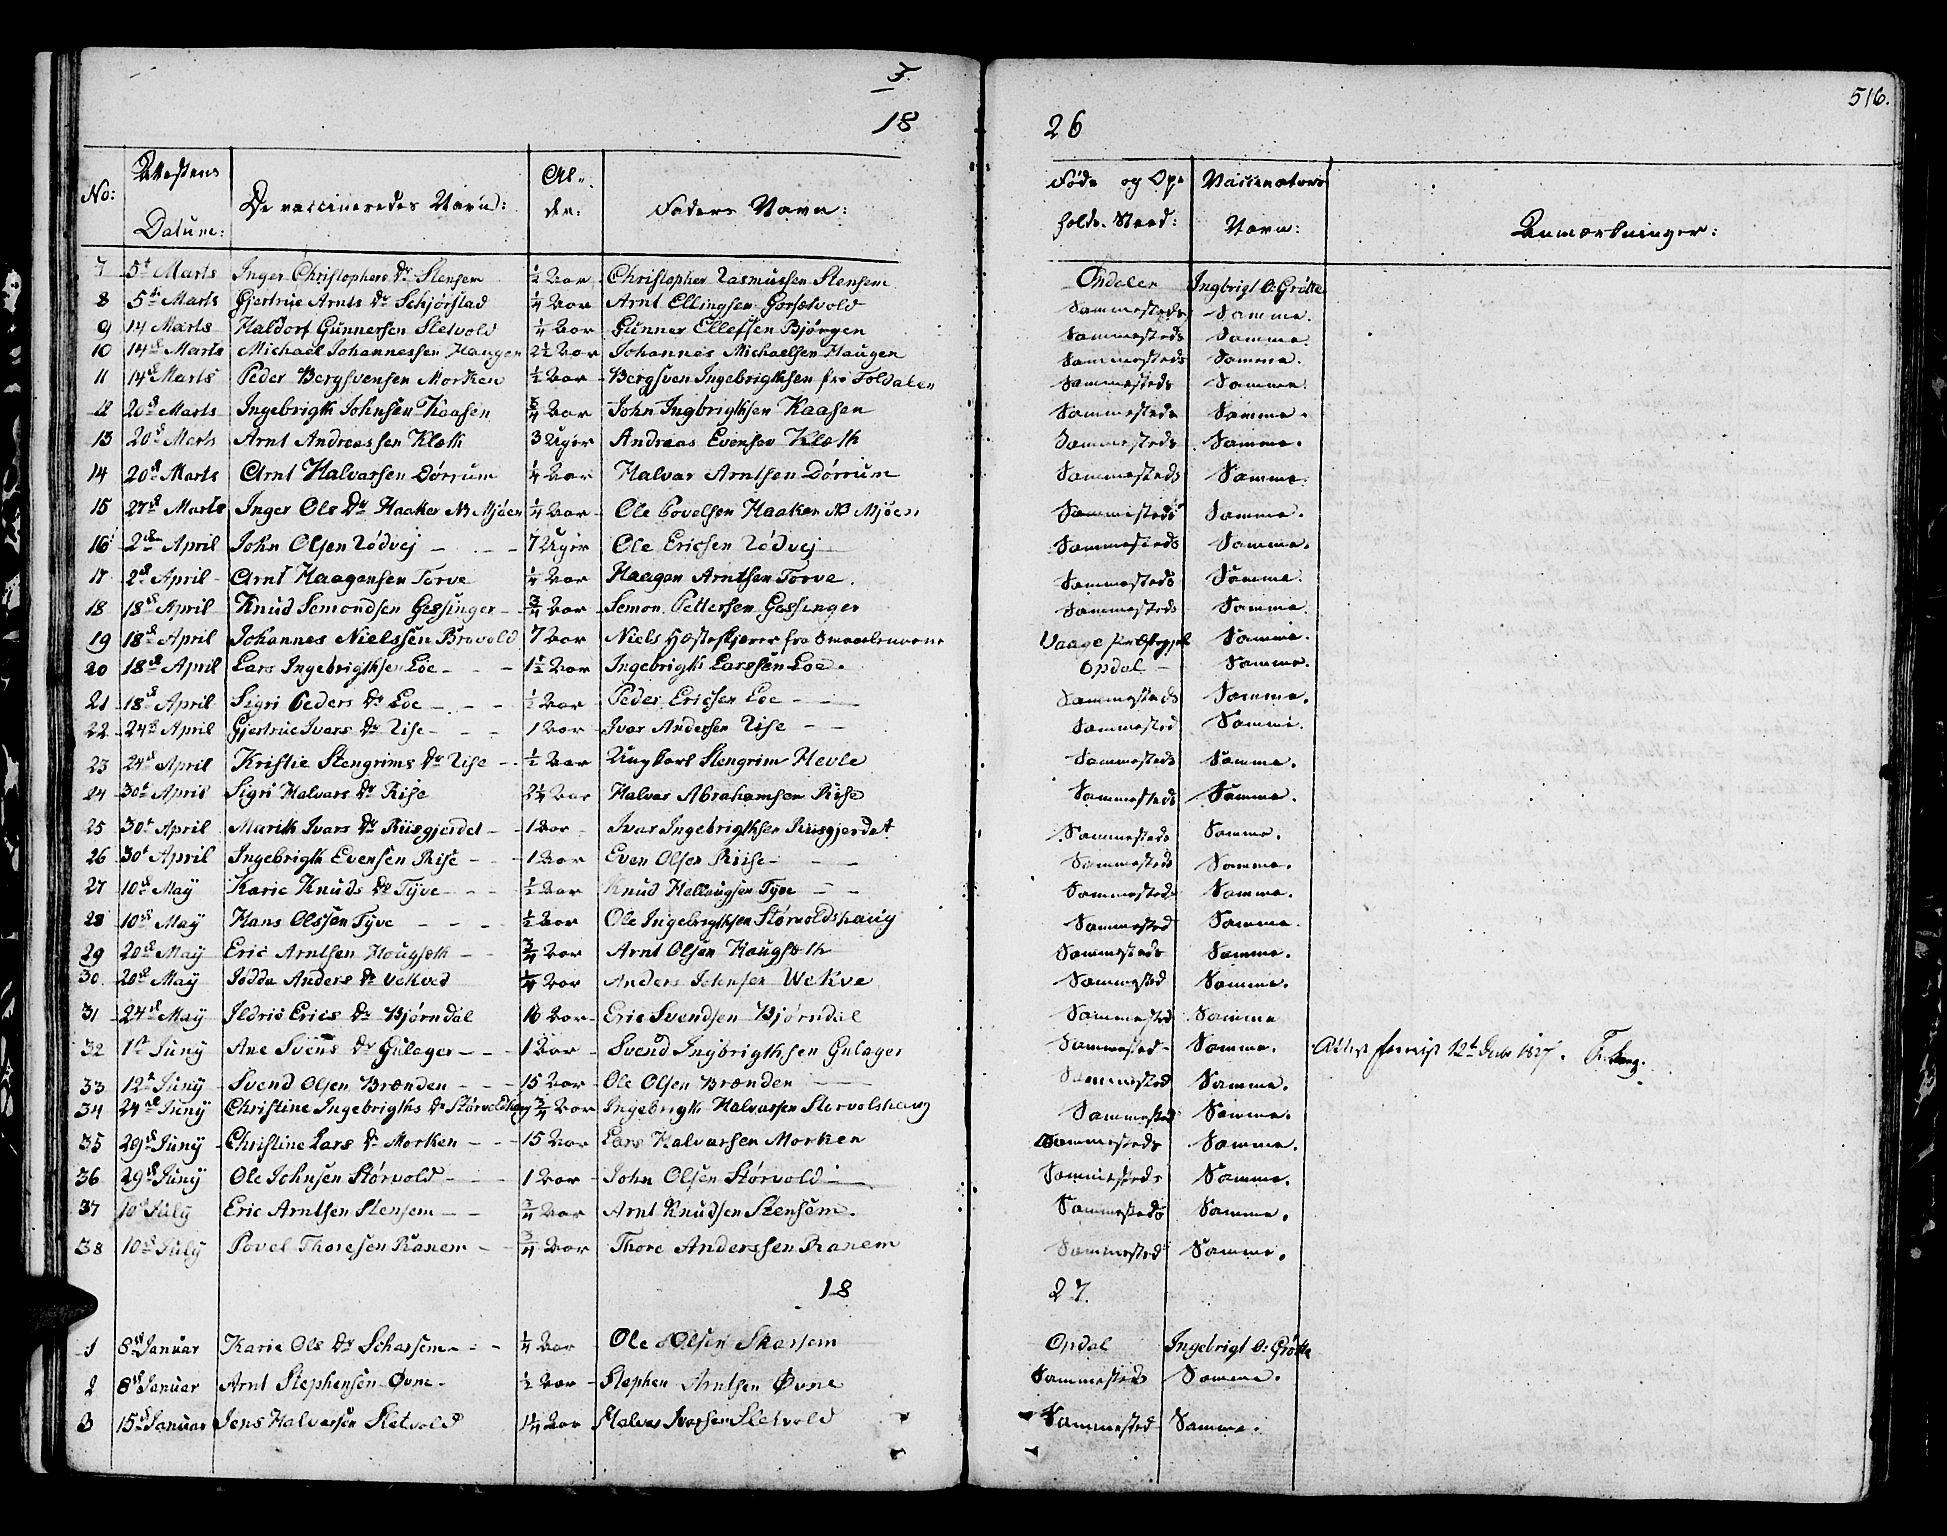 SAT, Ministerialprotokoller, klokkerbøker og fødselsregistre - Sør-Trøndelag, 678/L0897: Ministerialbok nr. 678A06-07, 1821-1847, s. 516